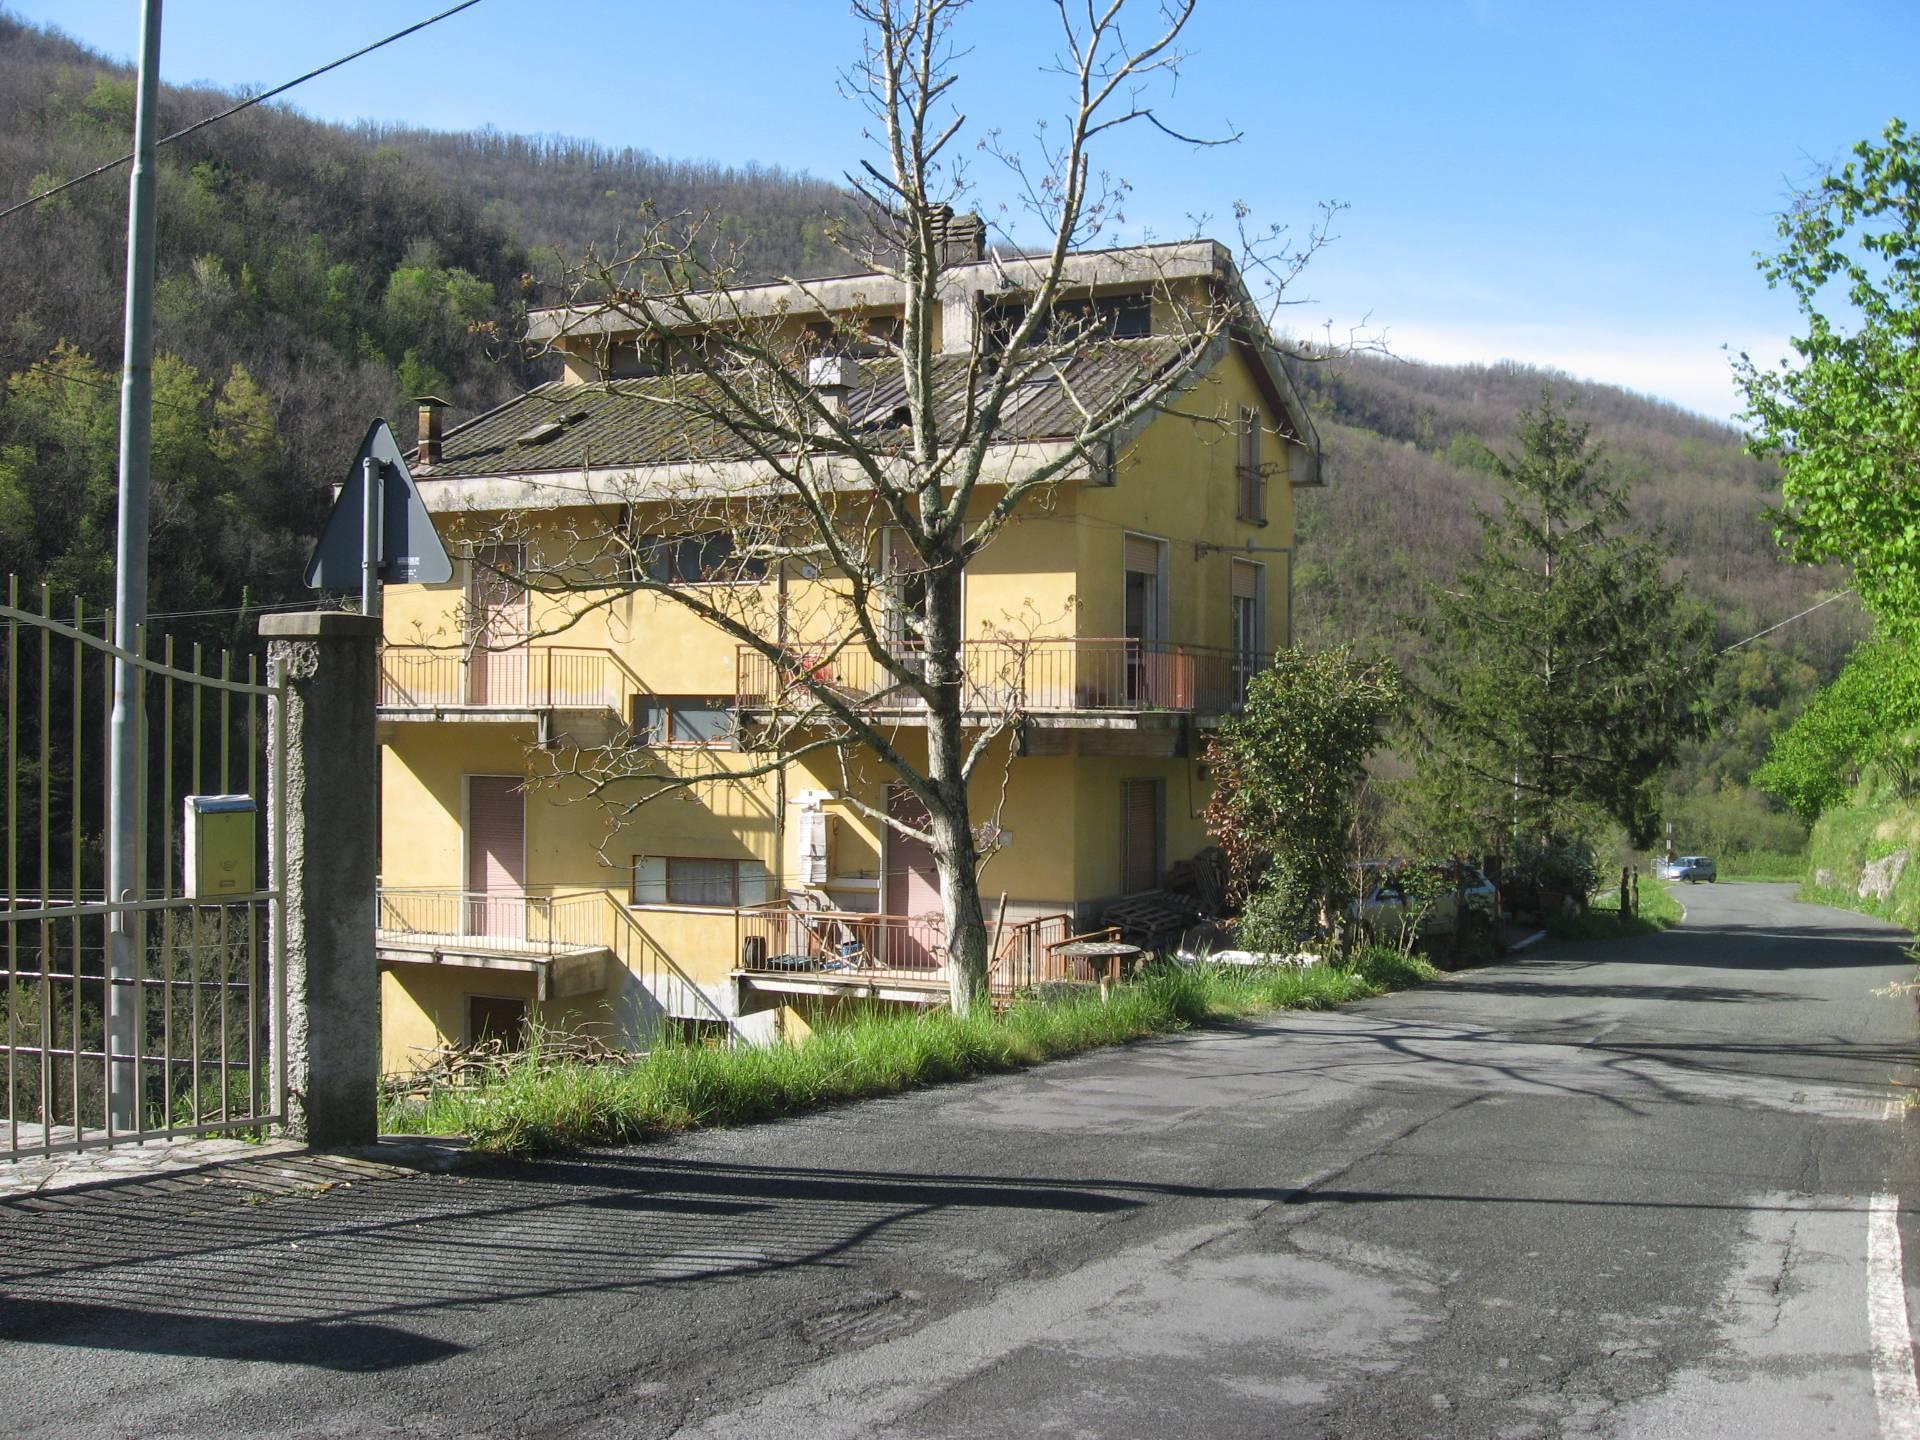 Appartamento in vendita a Mezzanego, 6 locali, zona Località: IsoladiBorgonovo, prezzo € 100.000 | PortaleAgenzieImmobiliari.it